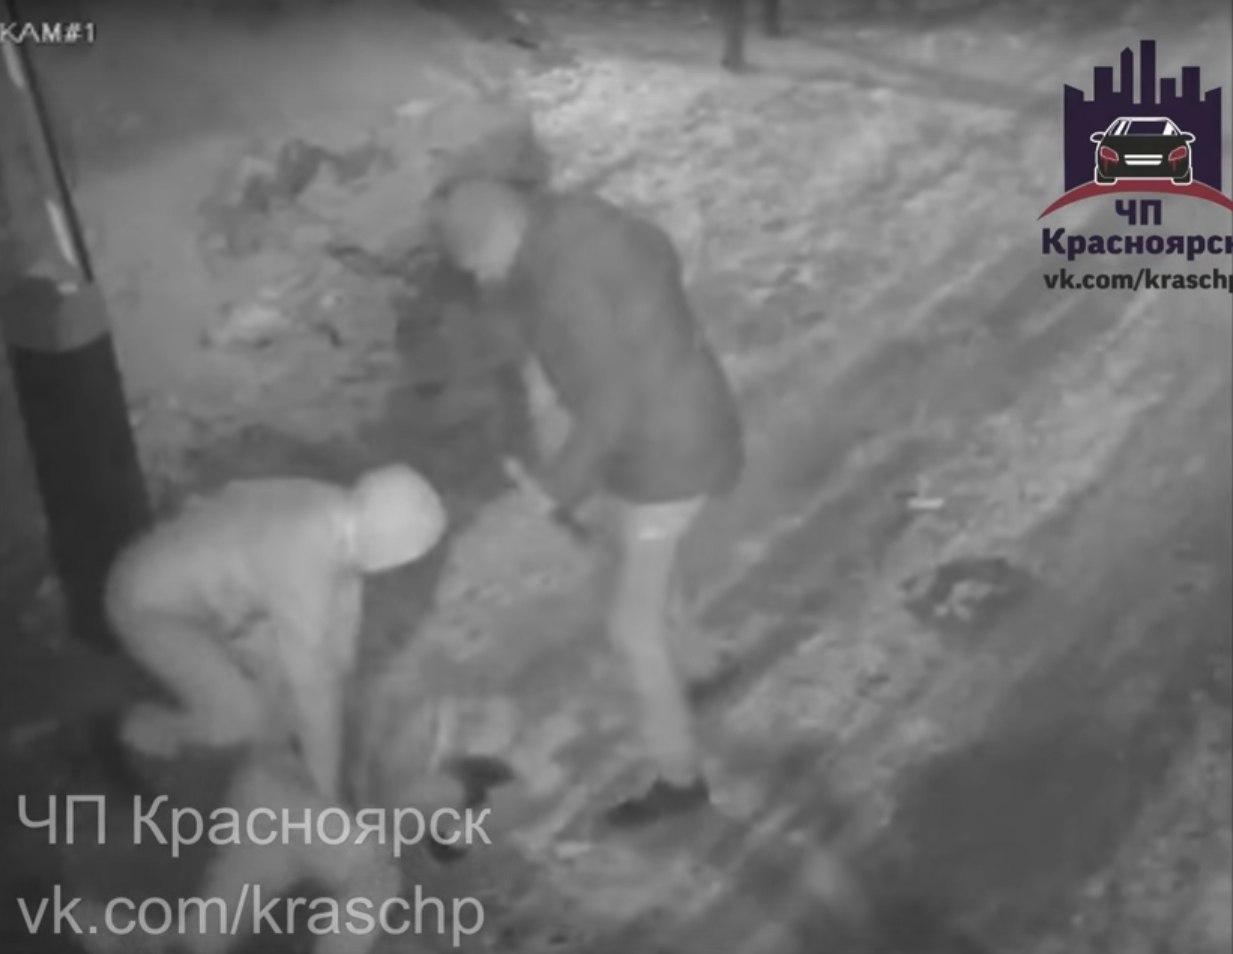 Стали известны детали группового избиения мужчины вКрасноярске